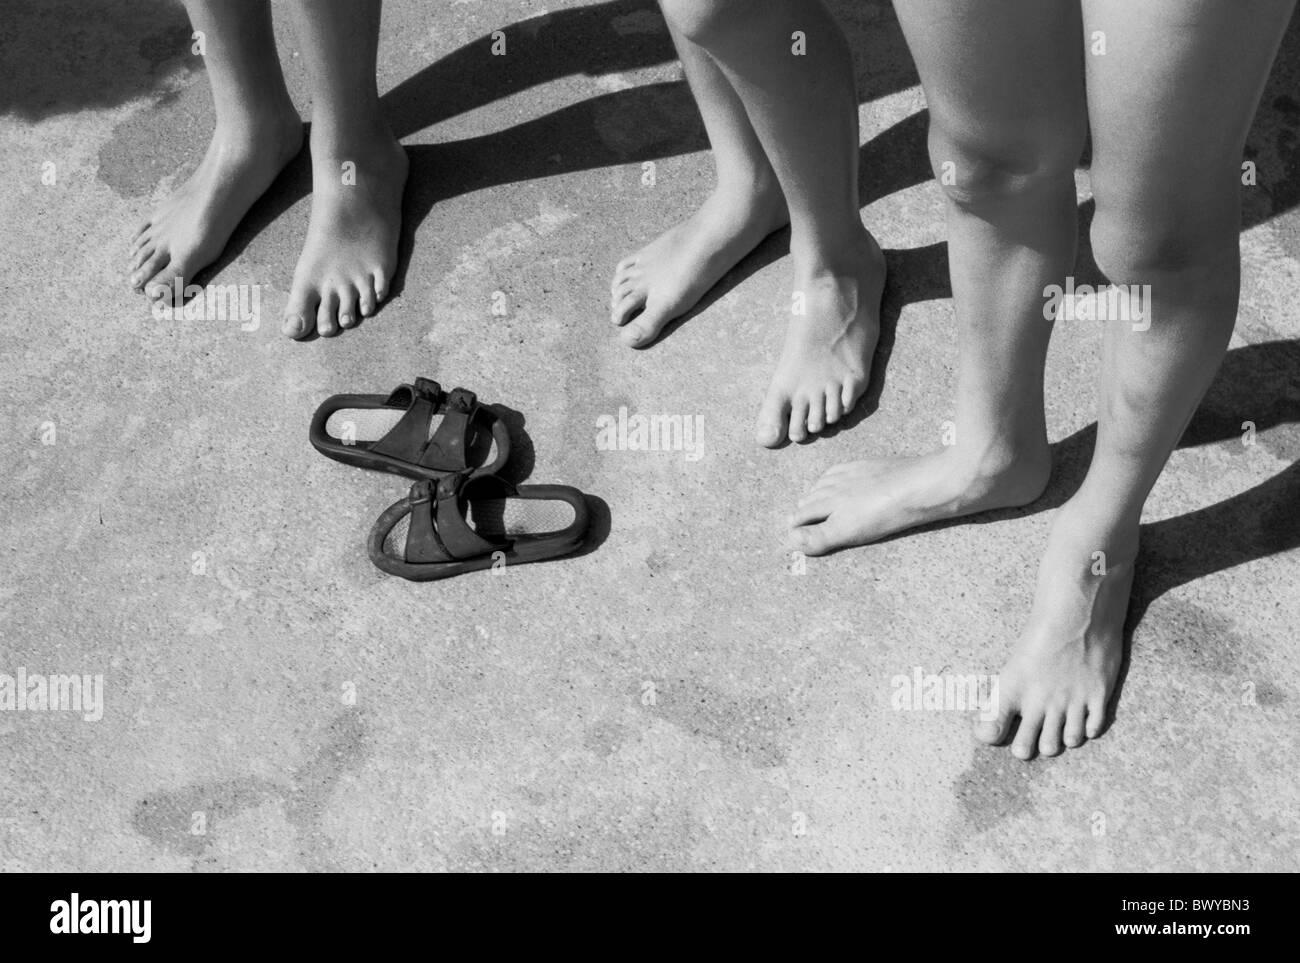 außerhalb Bad barfuß Beine Boden unten Detail Füße Kinder Sandalen ...